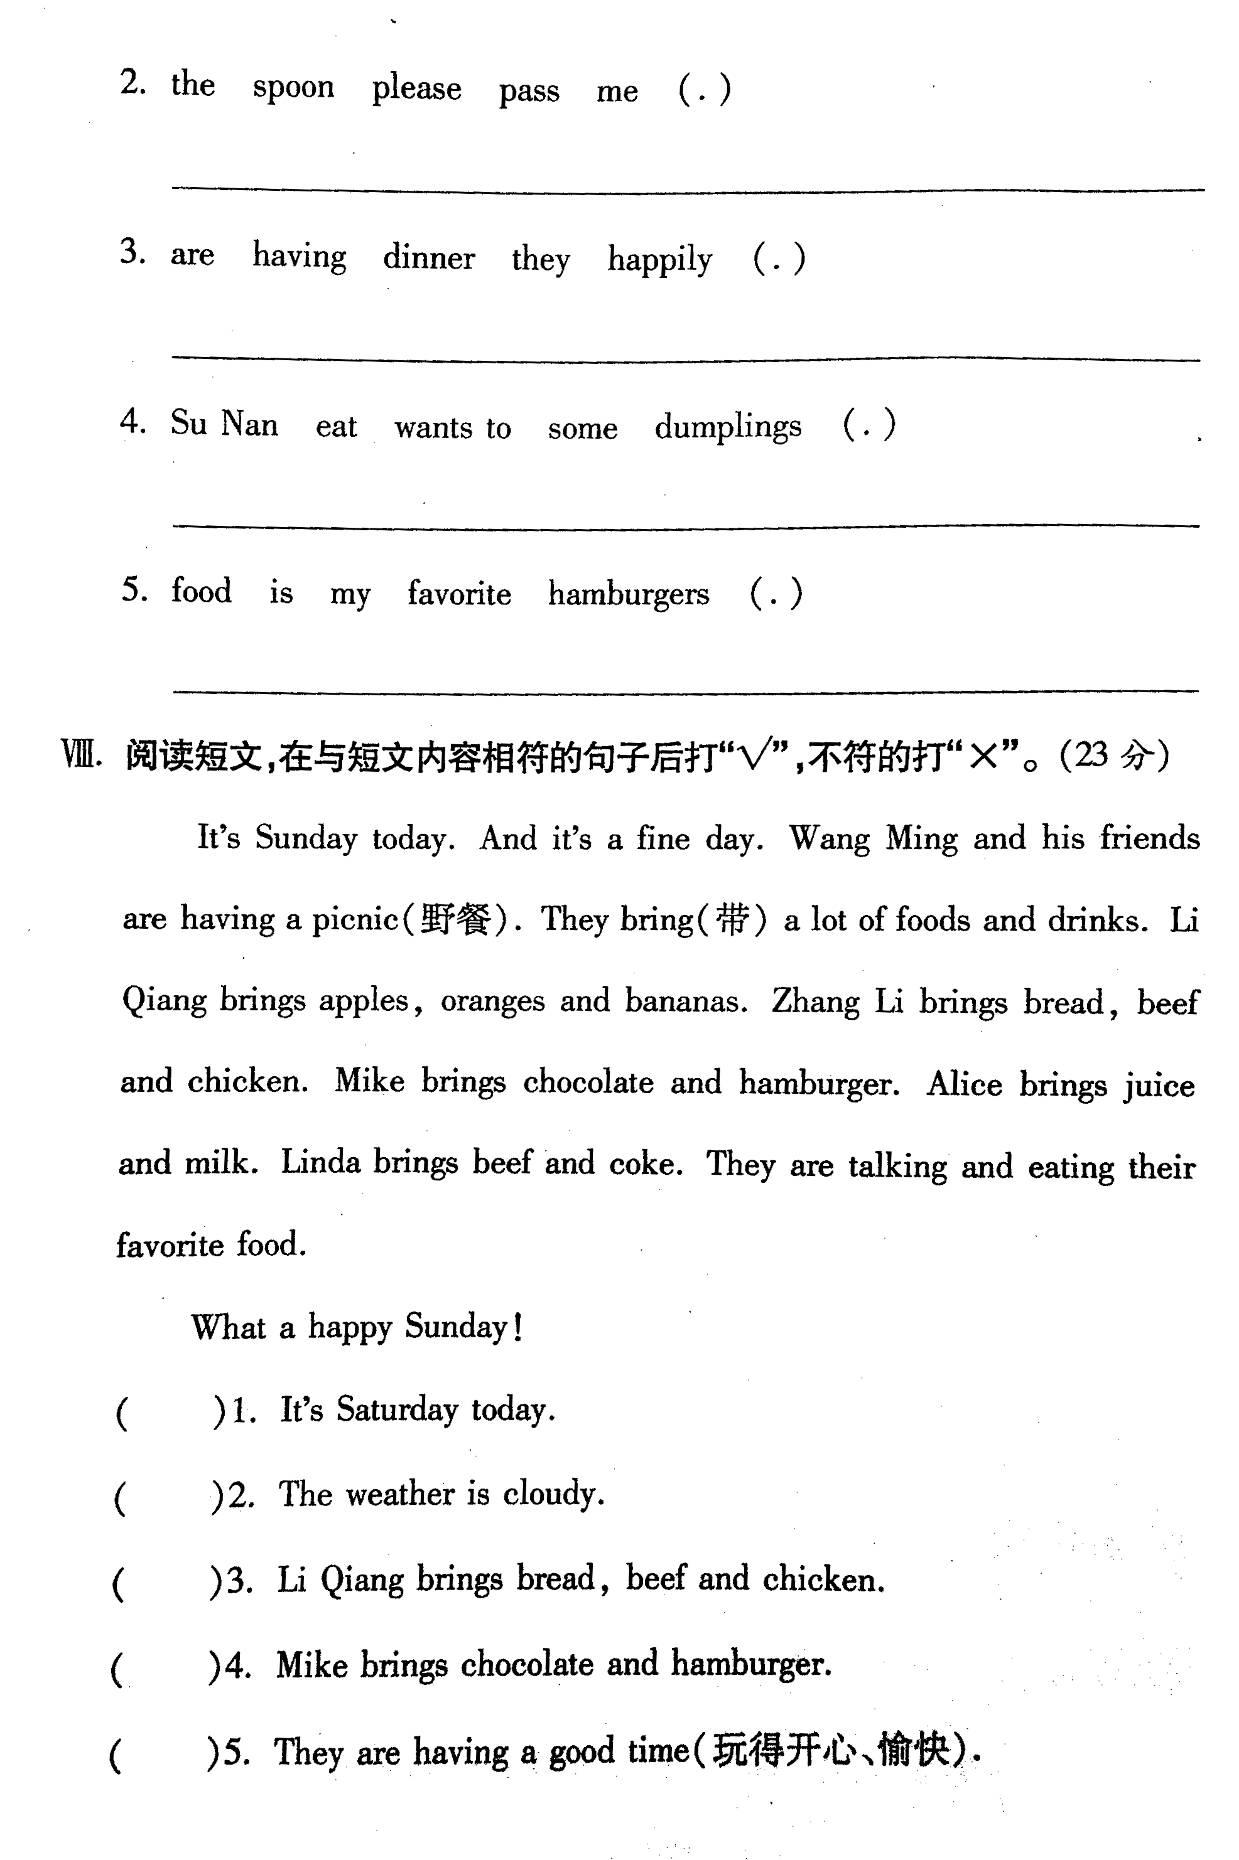 新陕西旅游版五年级英语上册第二次月考测试题